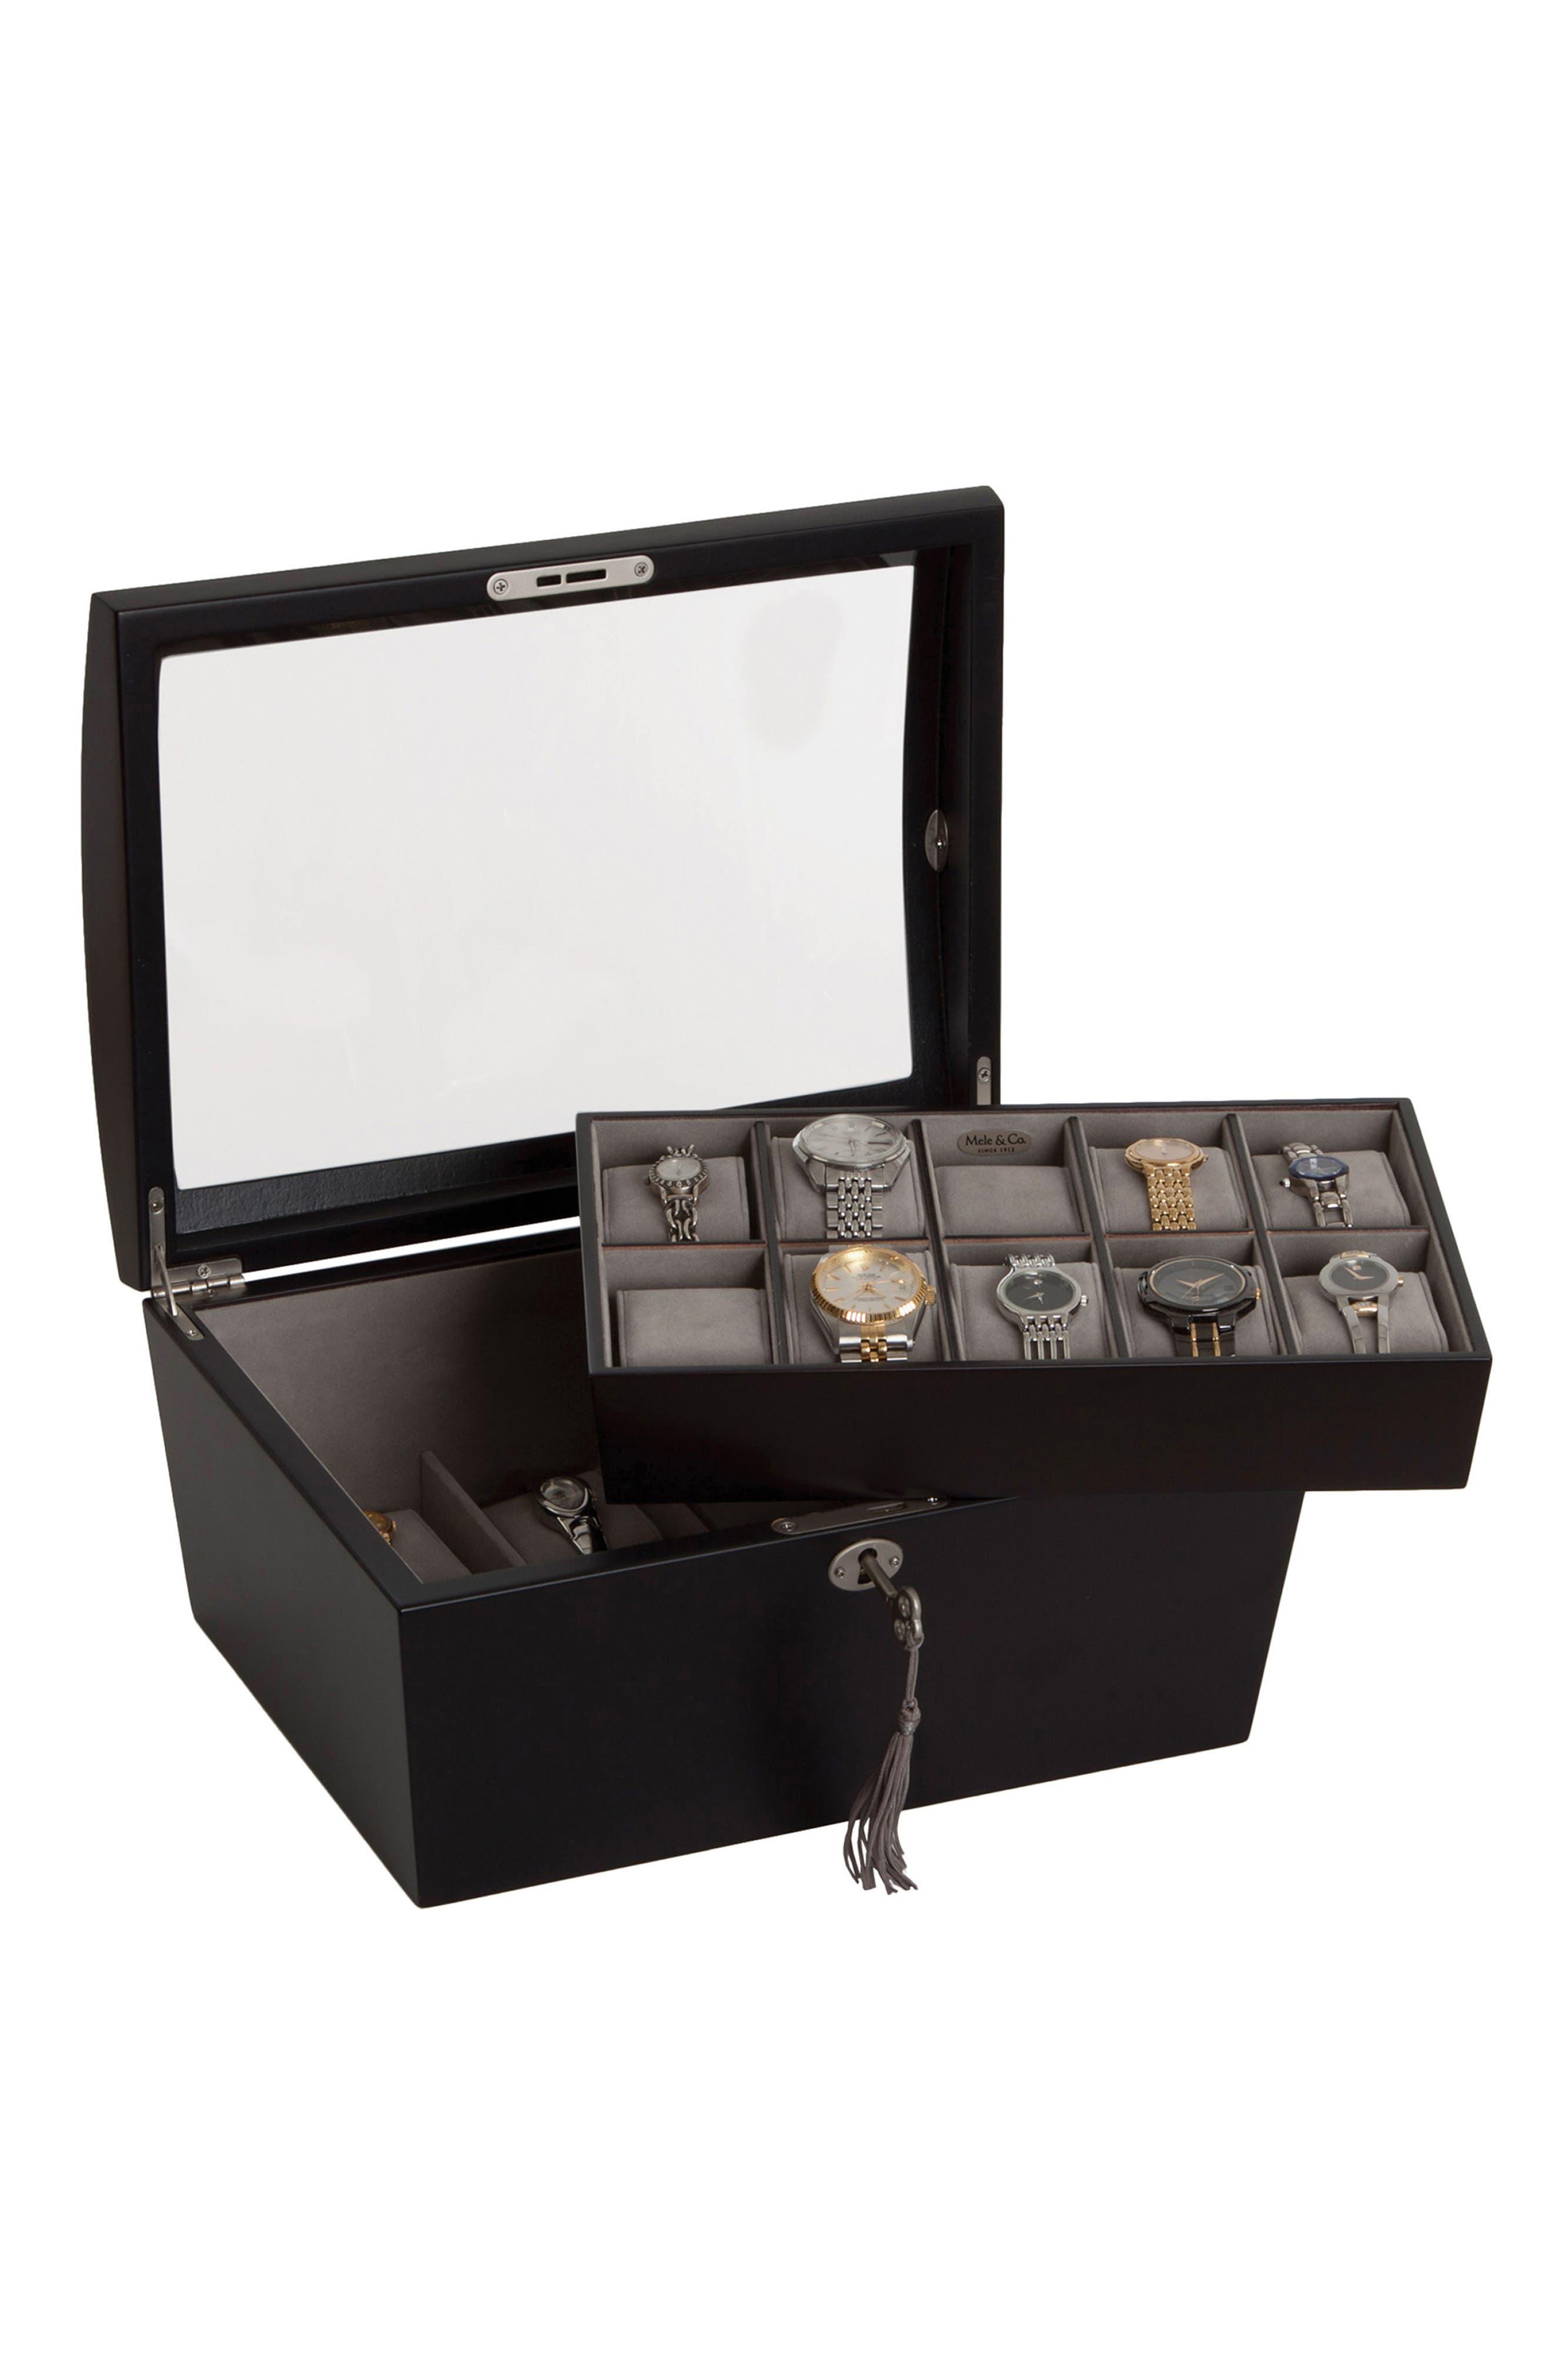 Mele & Co. Royce Locking Watch & Jewelry Box